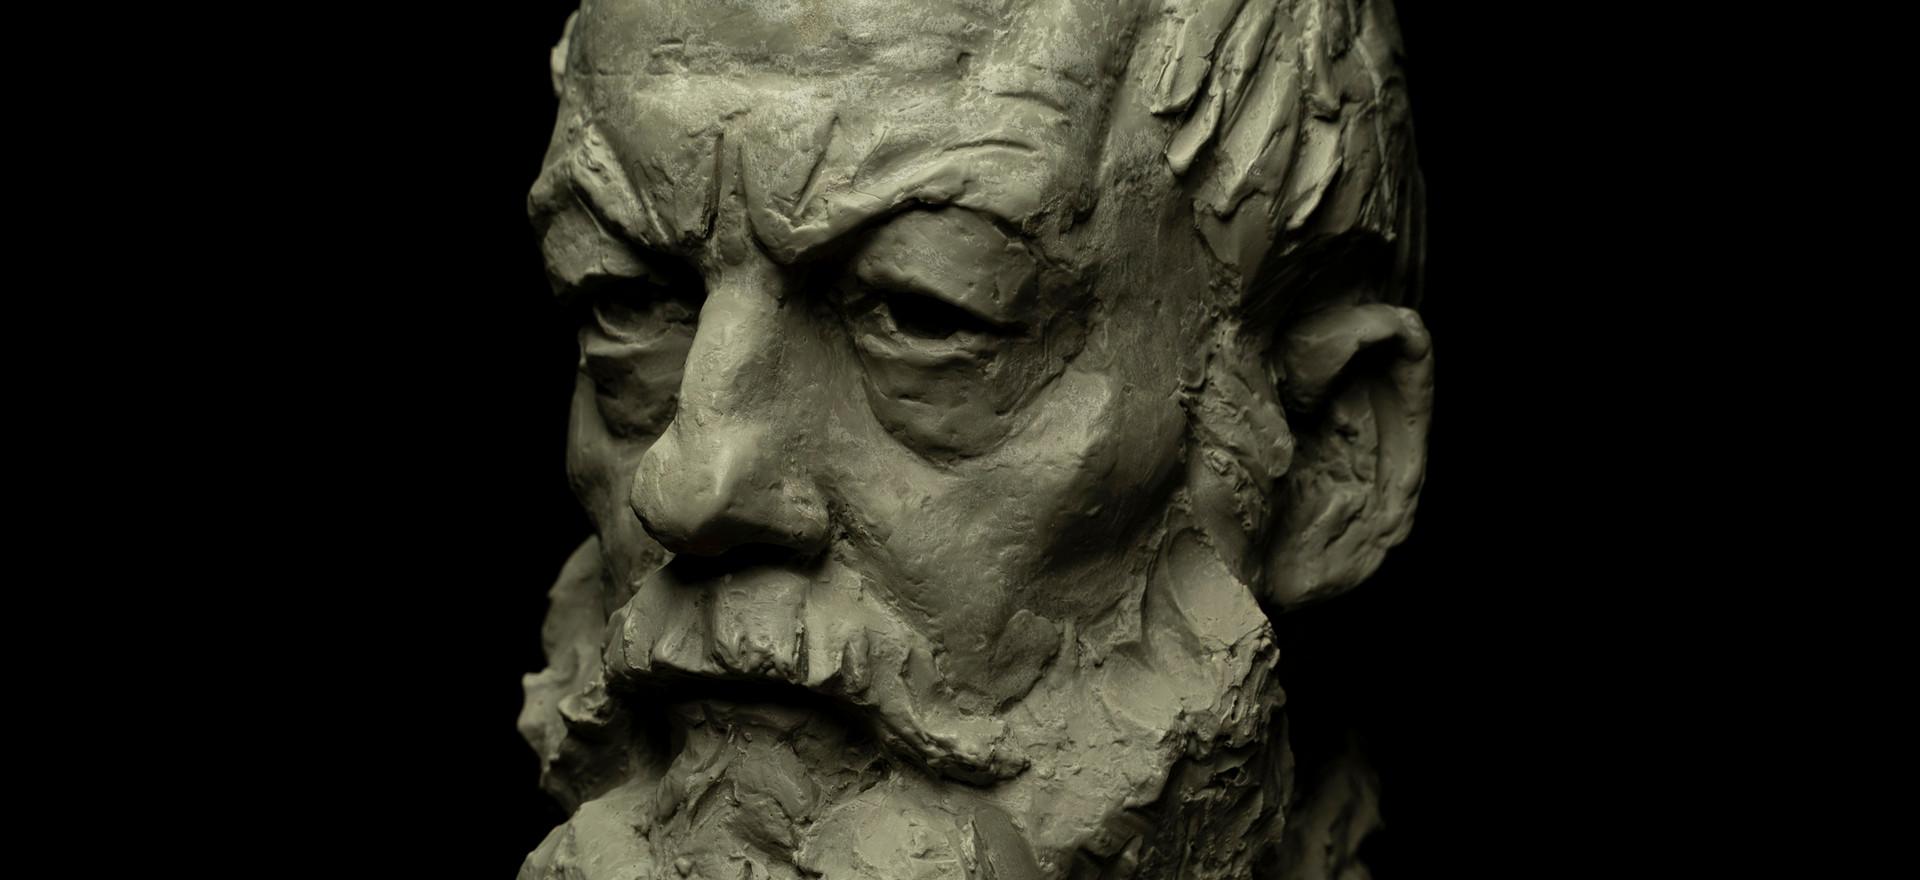 Portrait of Actor Liam Cunningham